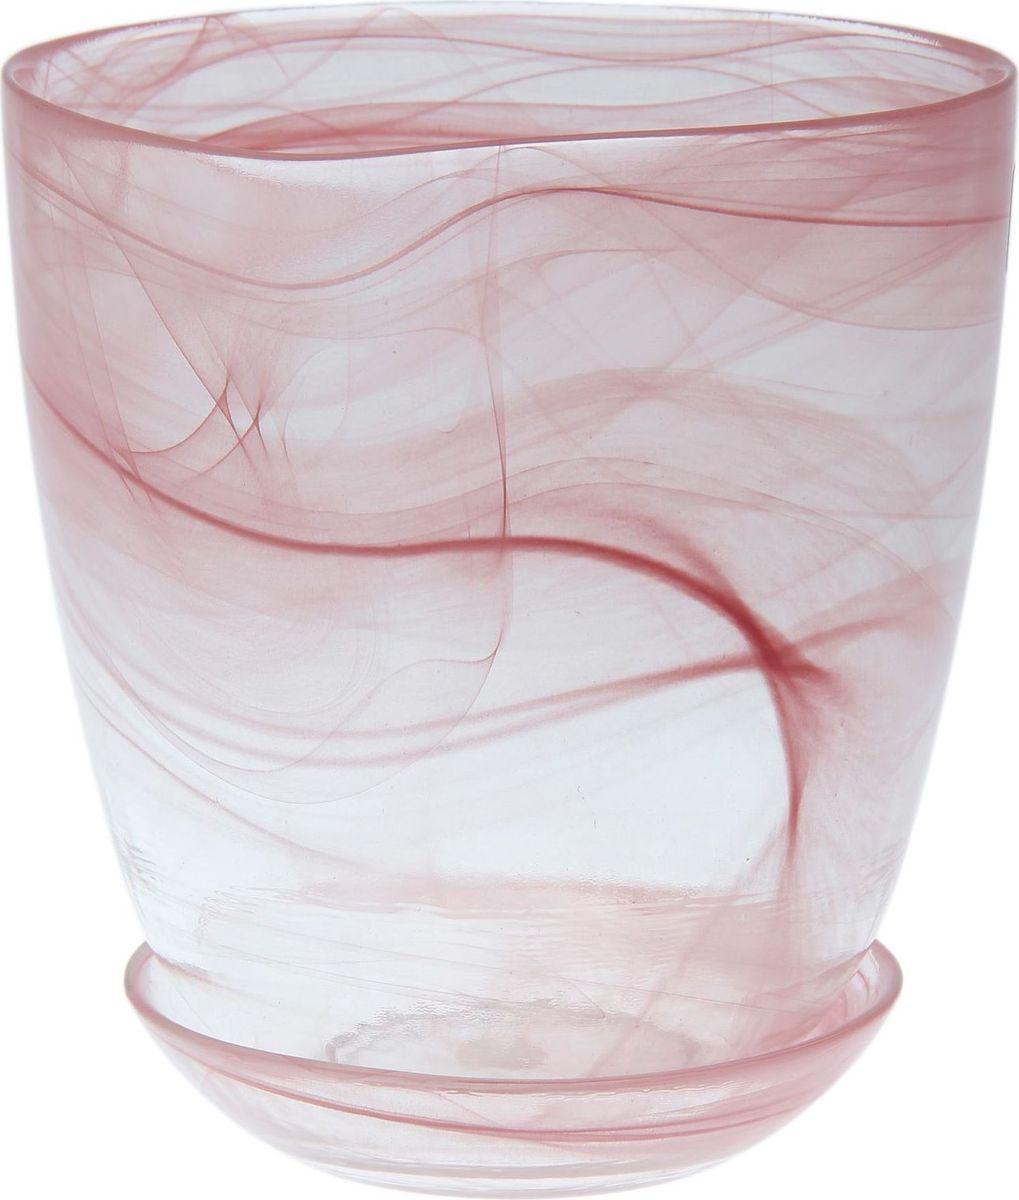 Кашпо NiNaGlass Гармония, с поддоном, цвет: розовый, 1,2 л607686